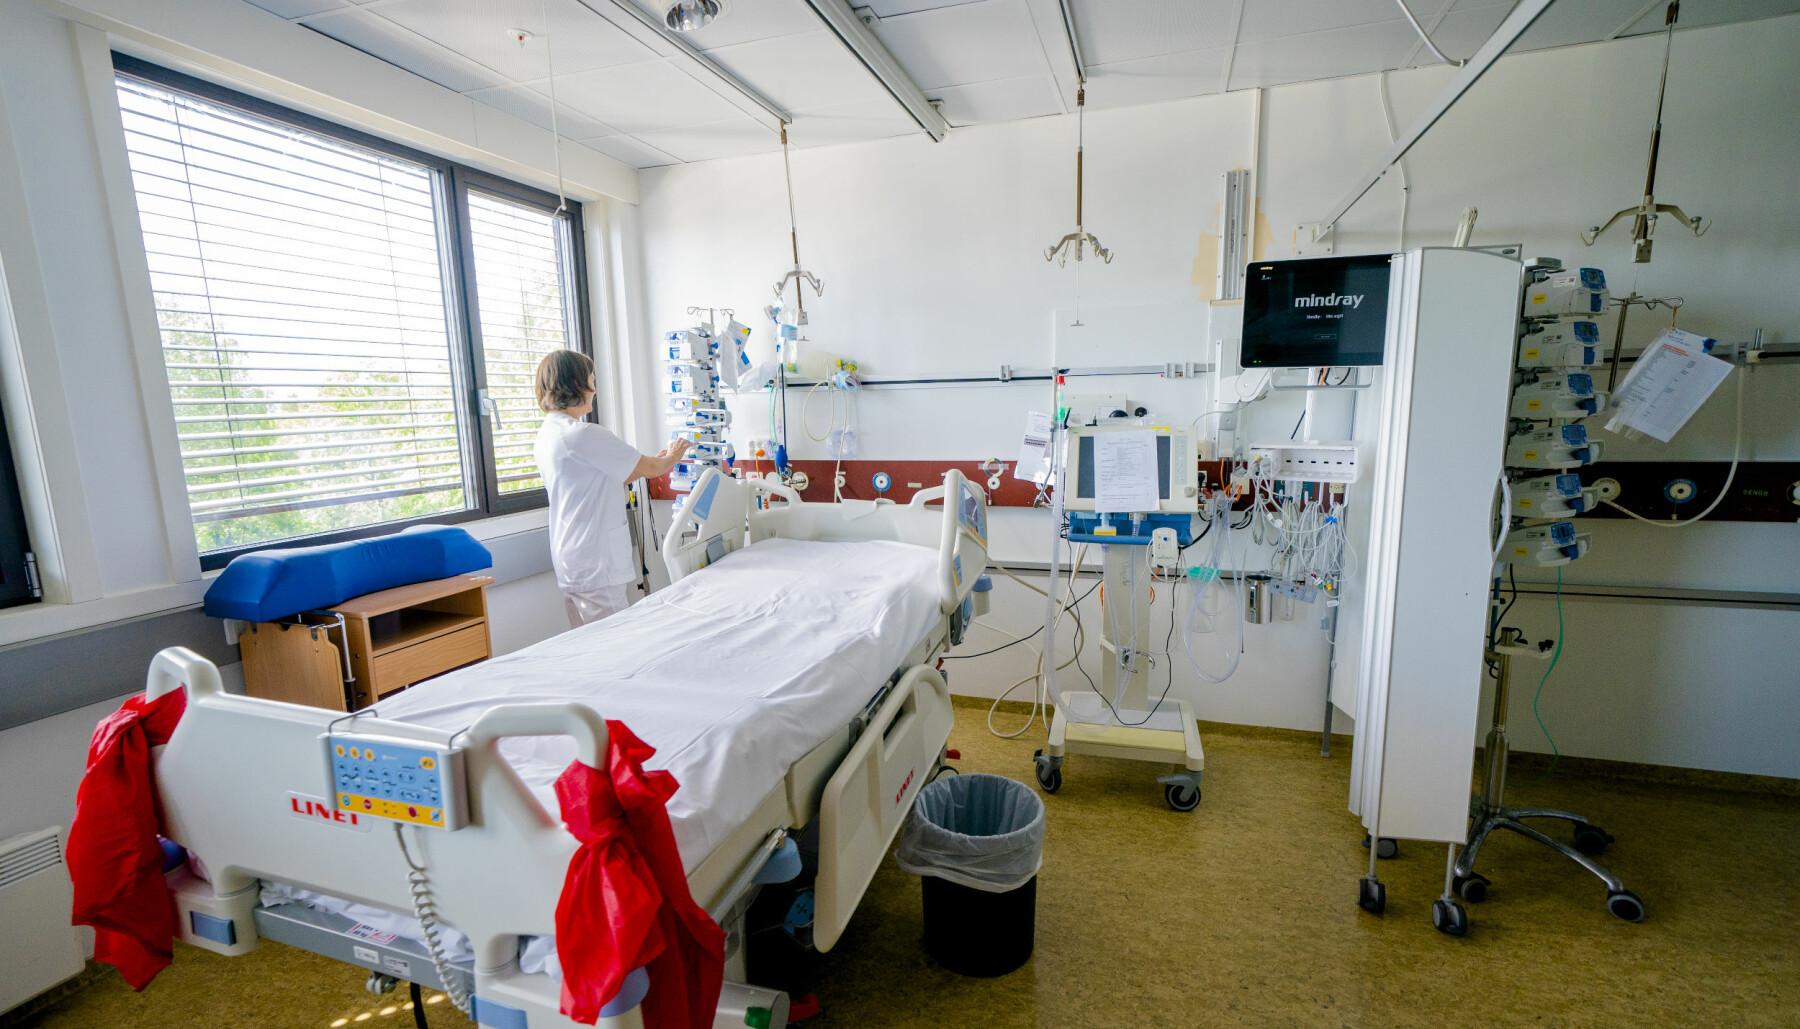 En intensivsengeplass ved avdeling for anestesi, intensiv, operasjon og akuttmottak ved Bærum sykehus. Det er behov for flere sykepleiere til å bemanne slike sengeplasser.